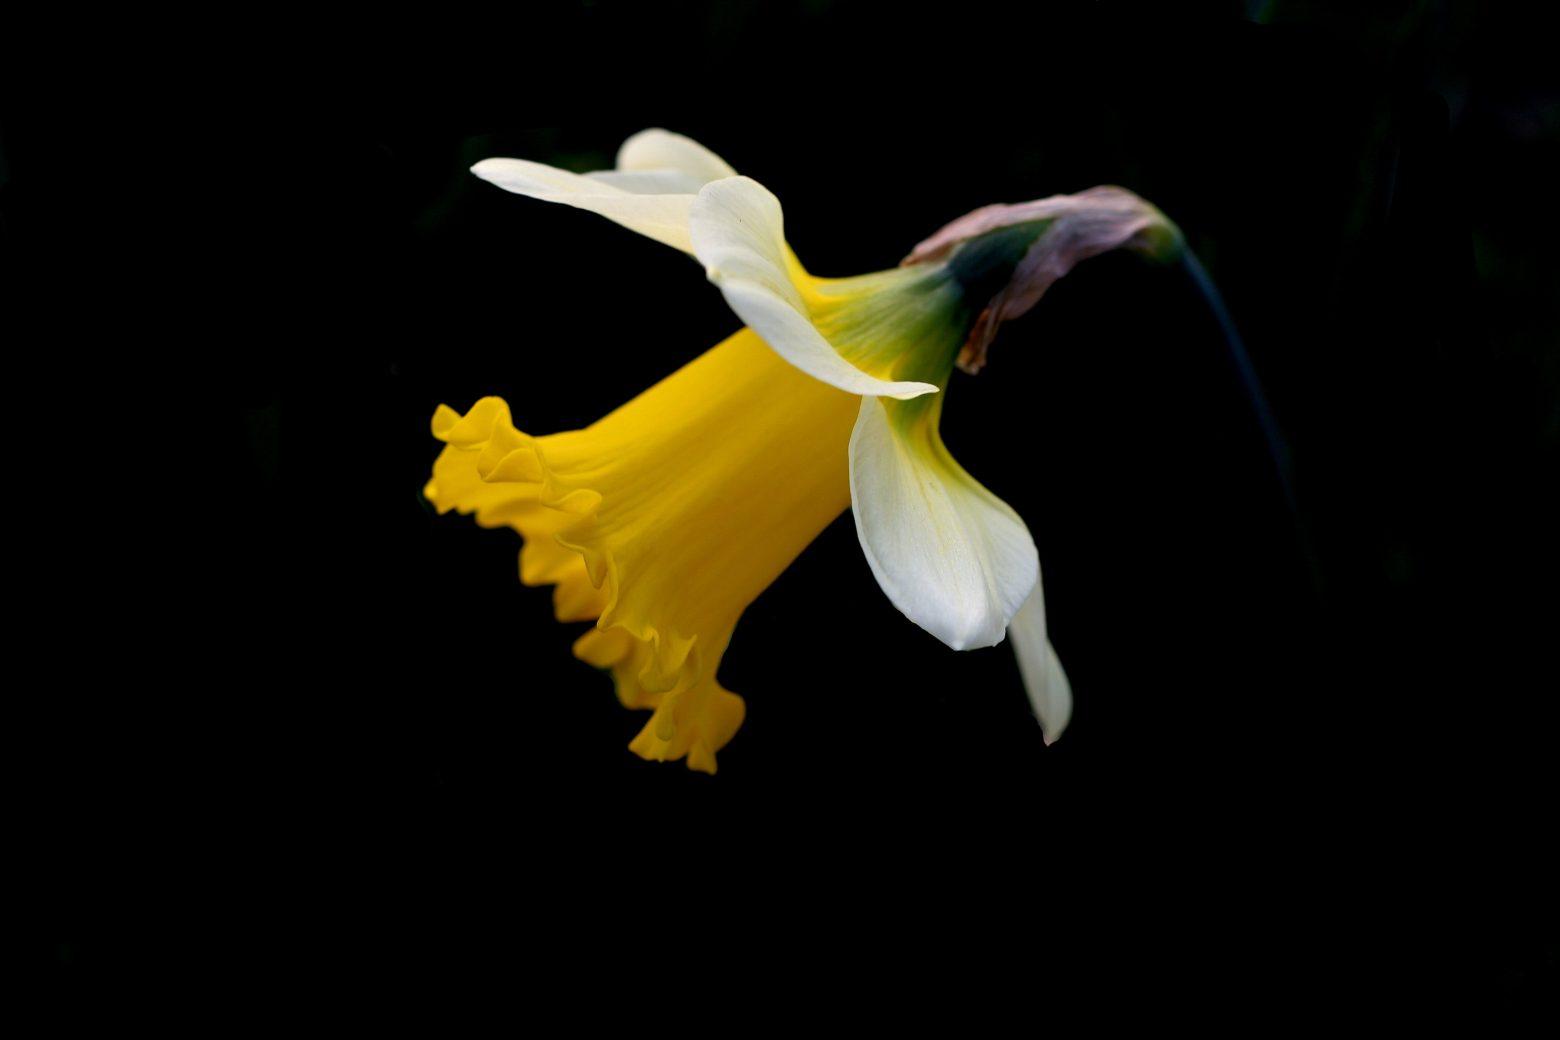 daffodil-2642550